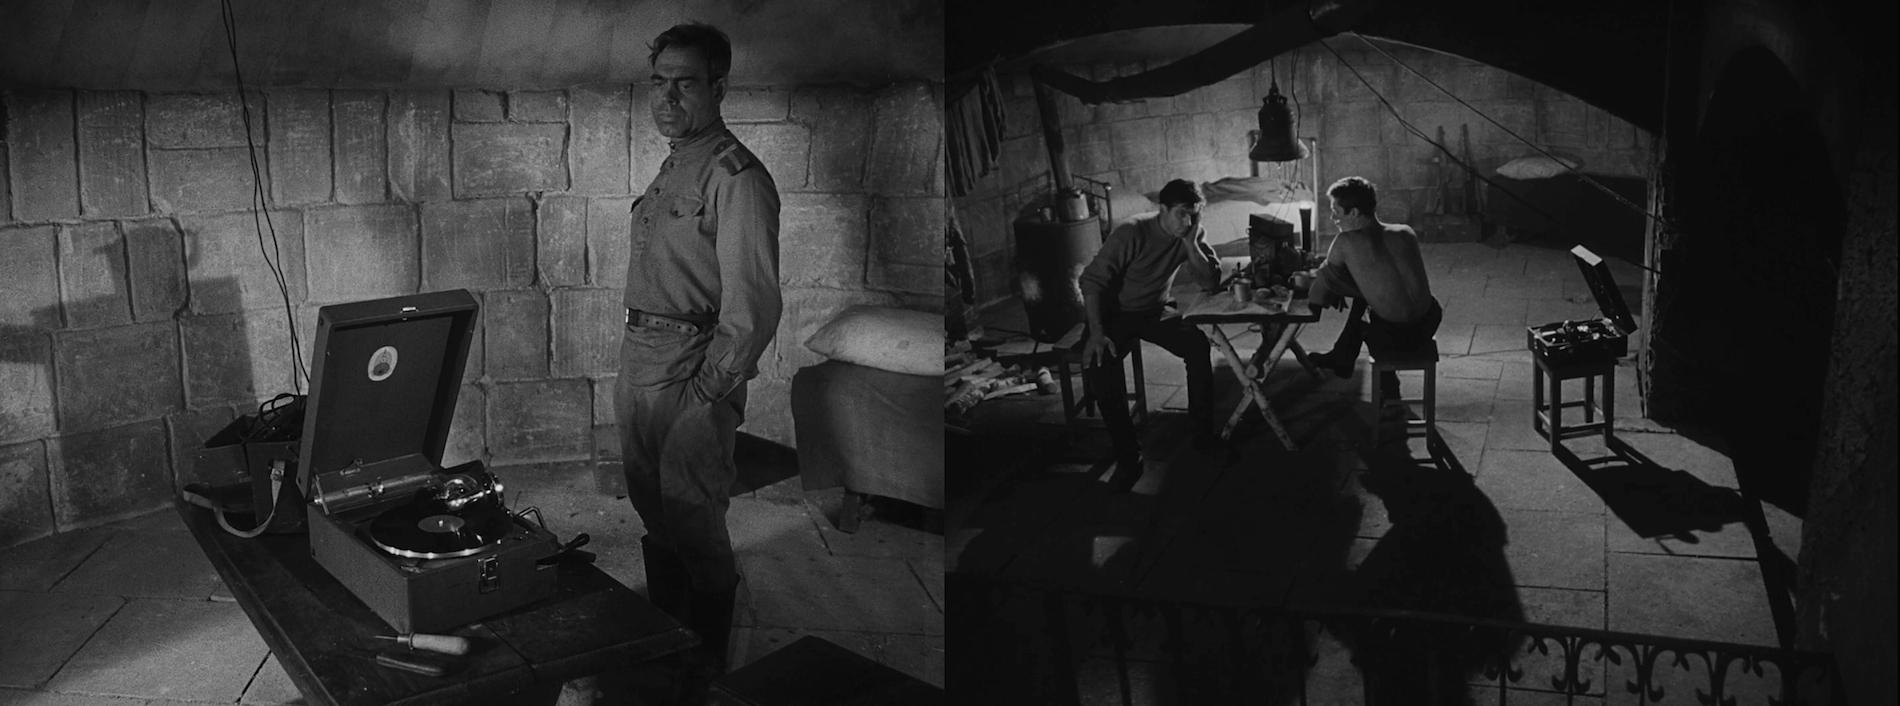 #37 Ivan's Childhood [1962] - dir. Andrei Tarkovsky